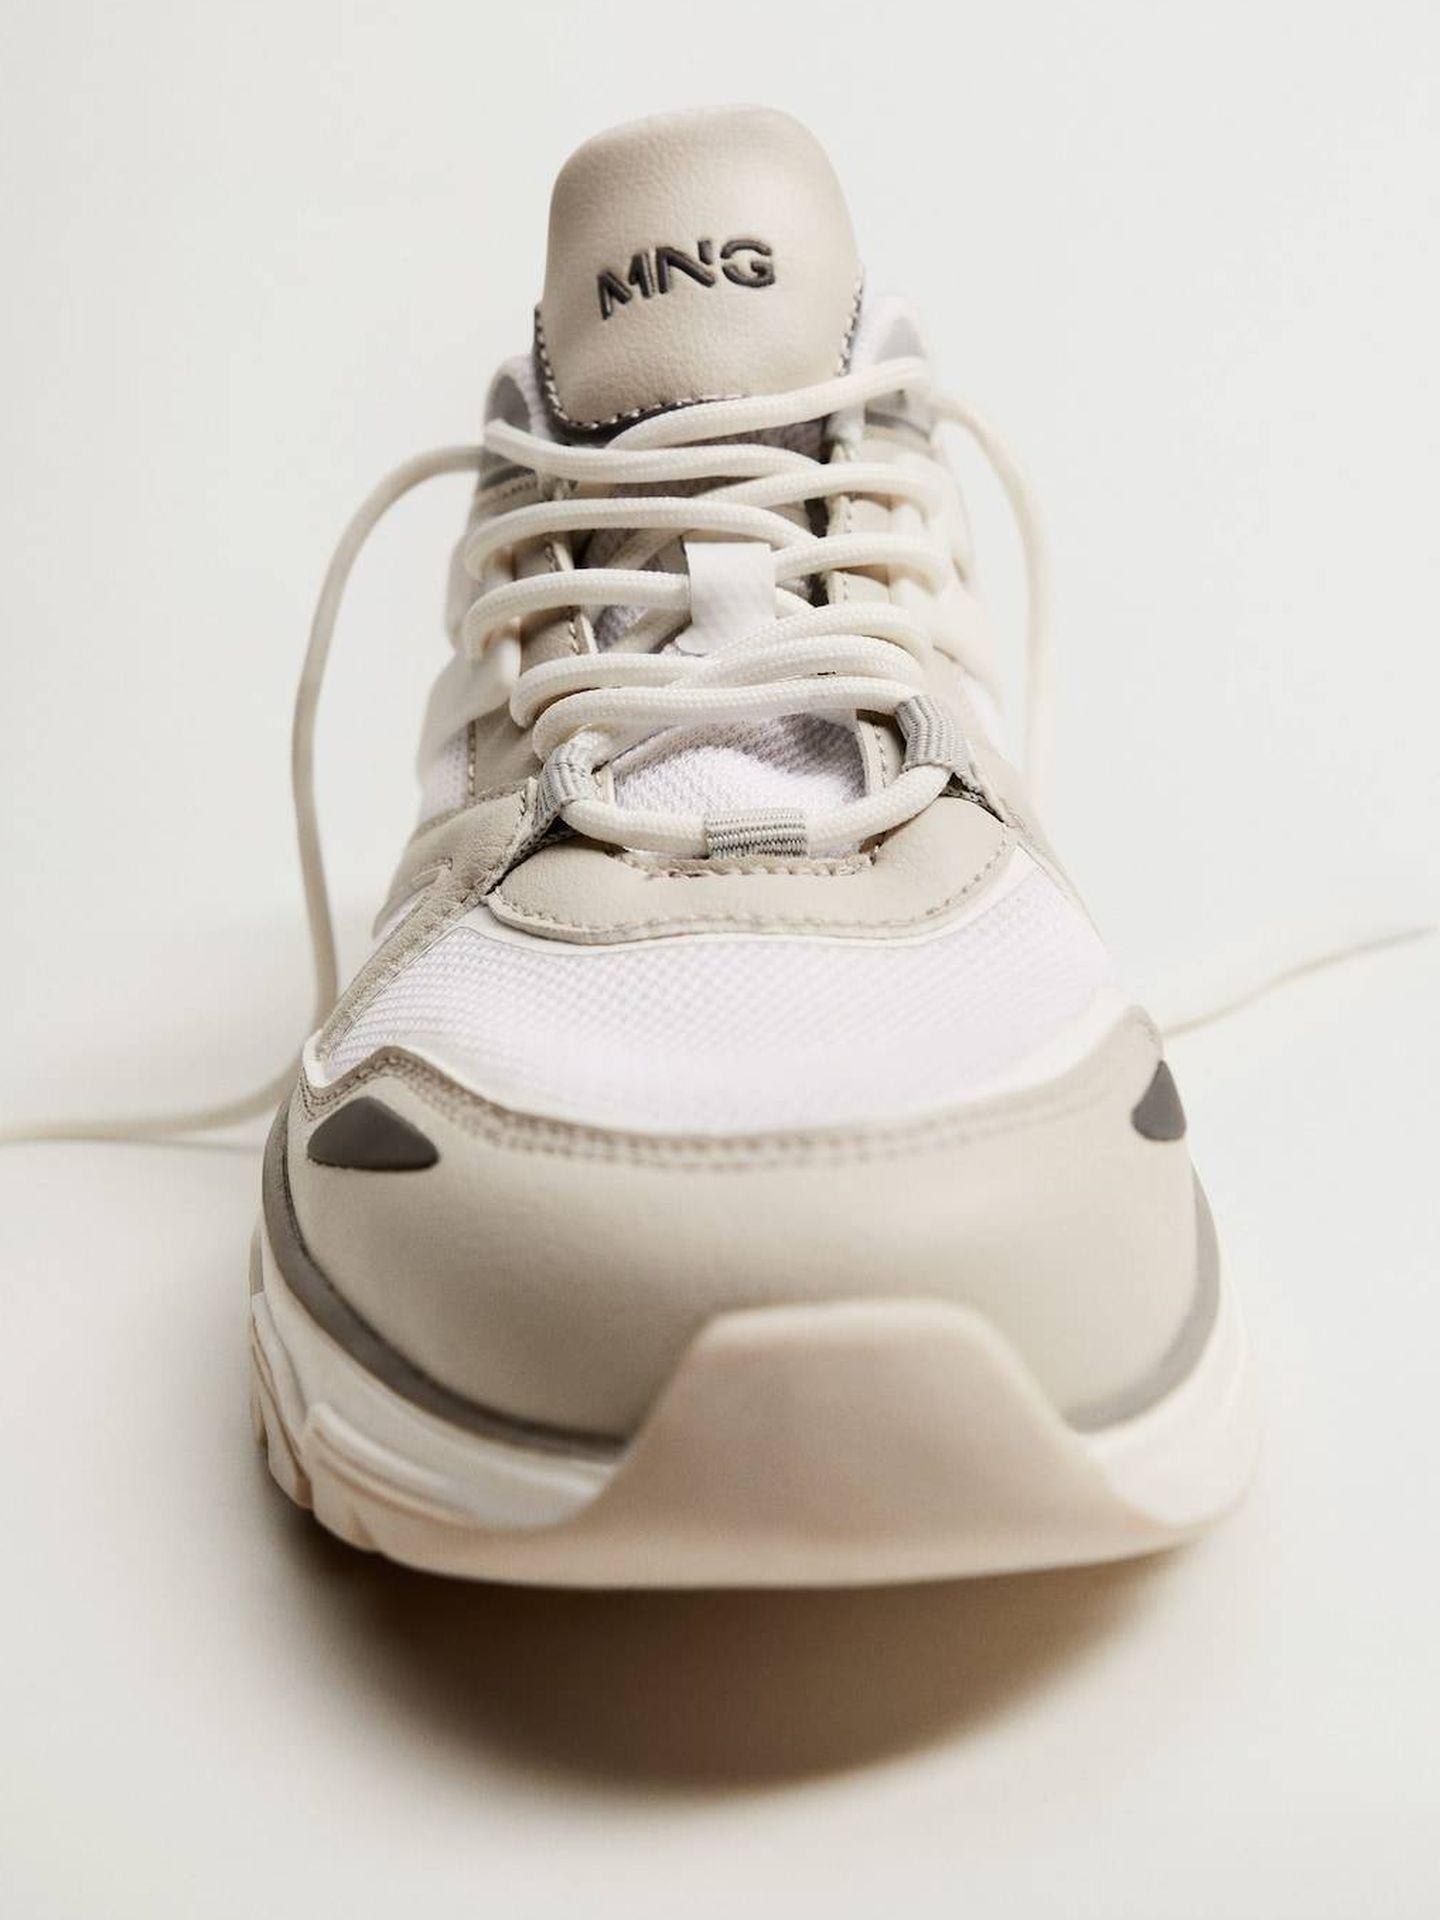 Las zapatillas deportivas de Mango. (Cortesía)